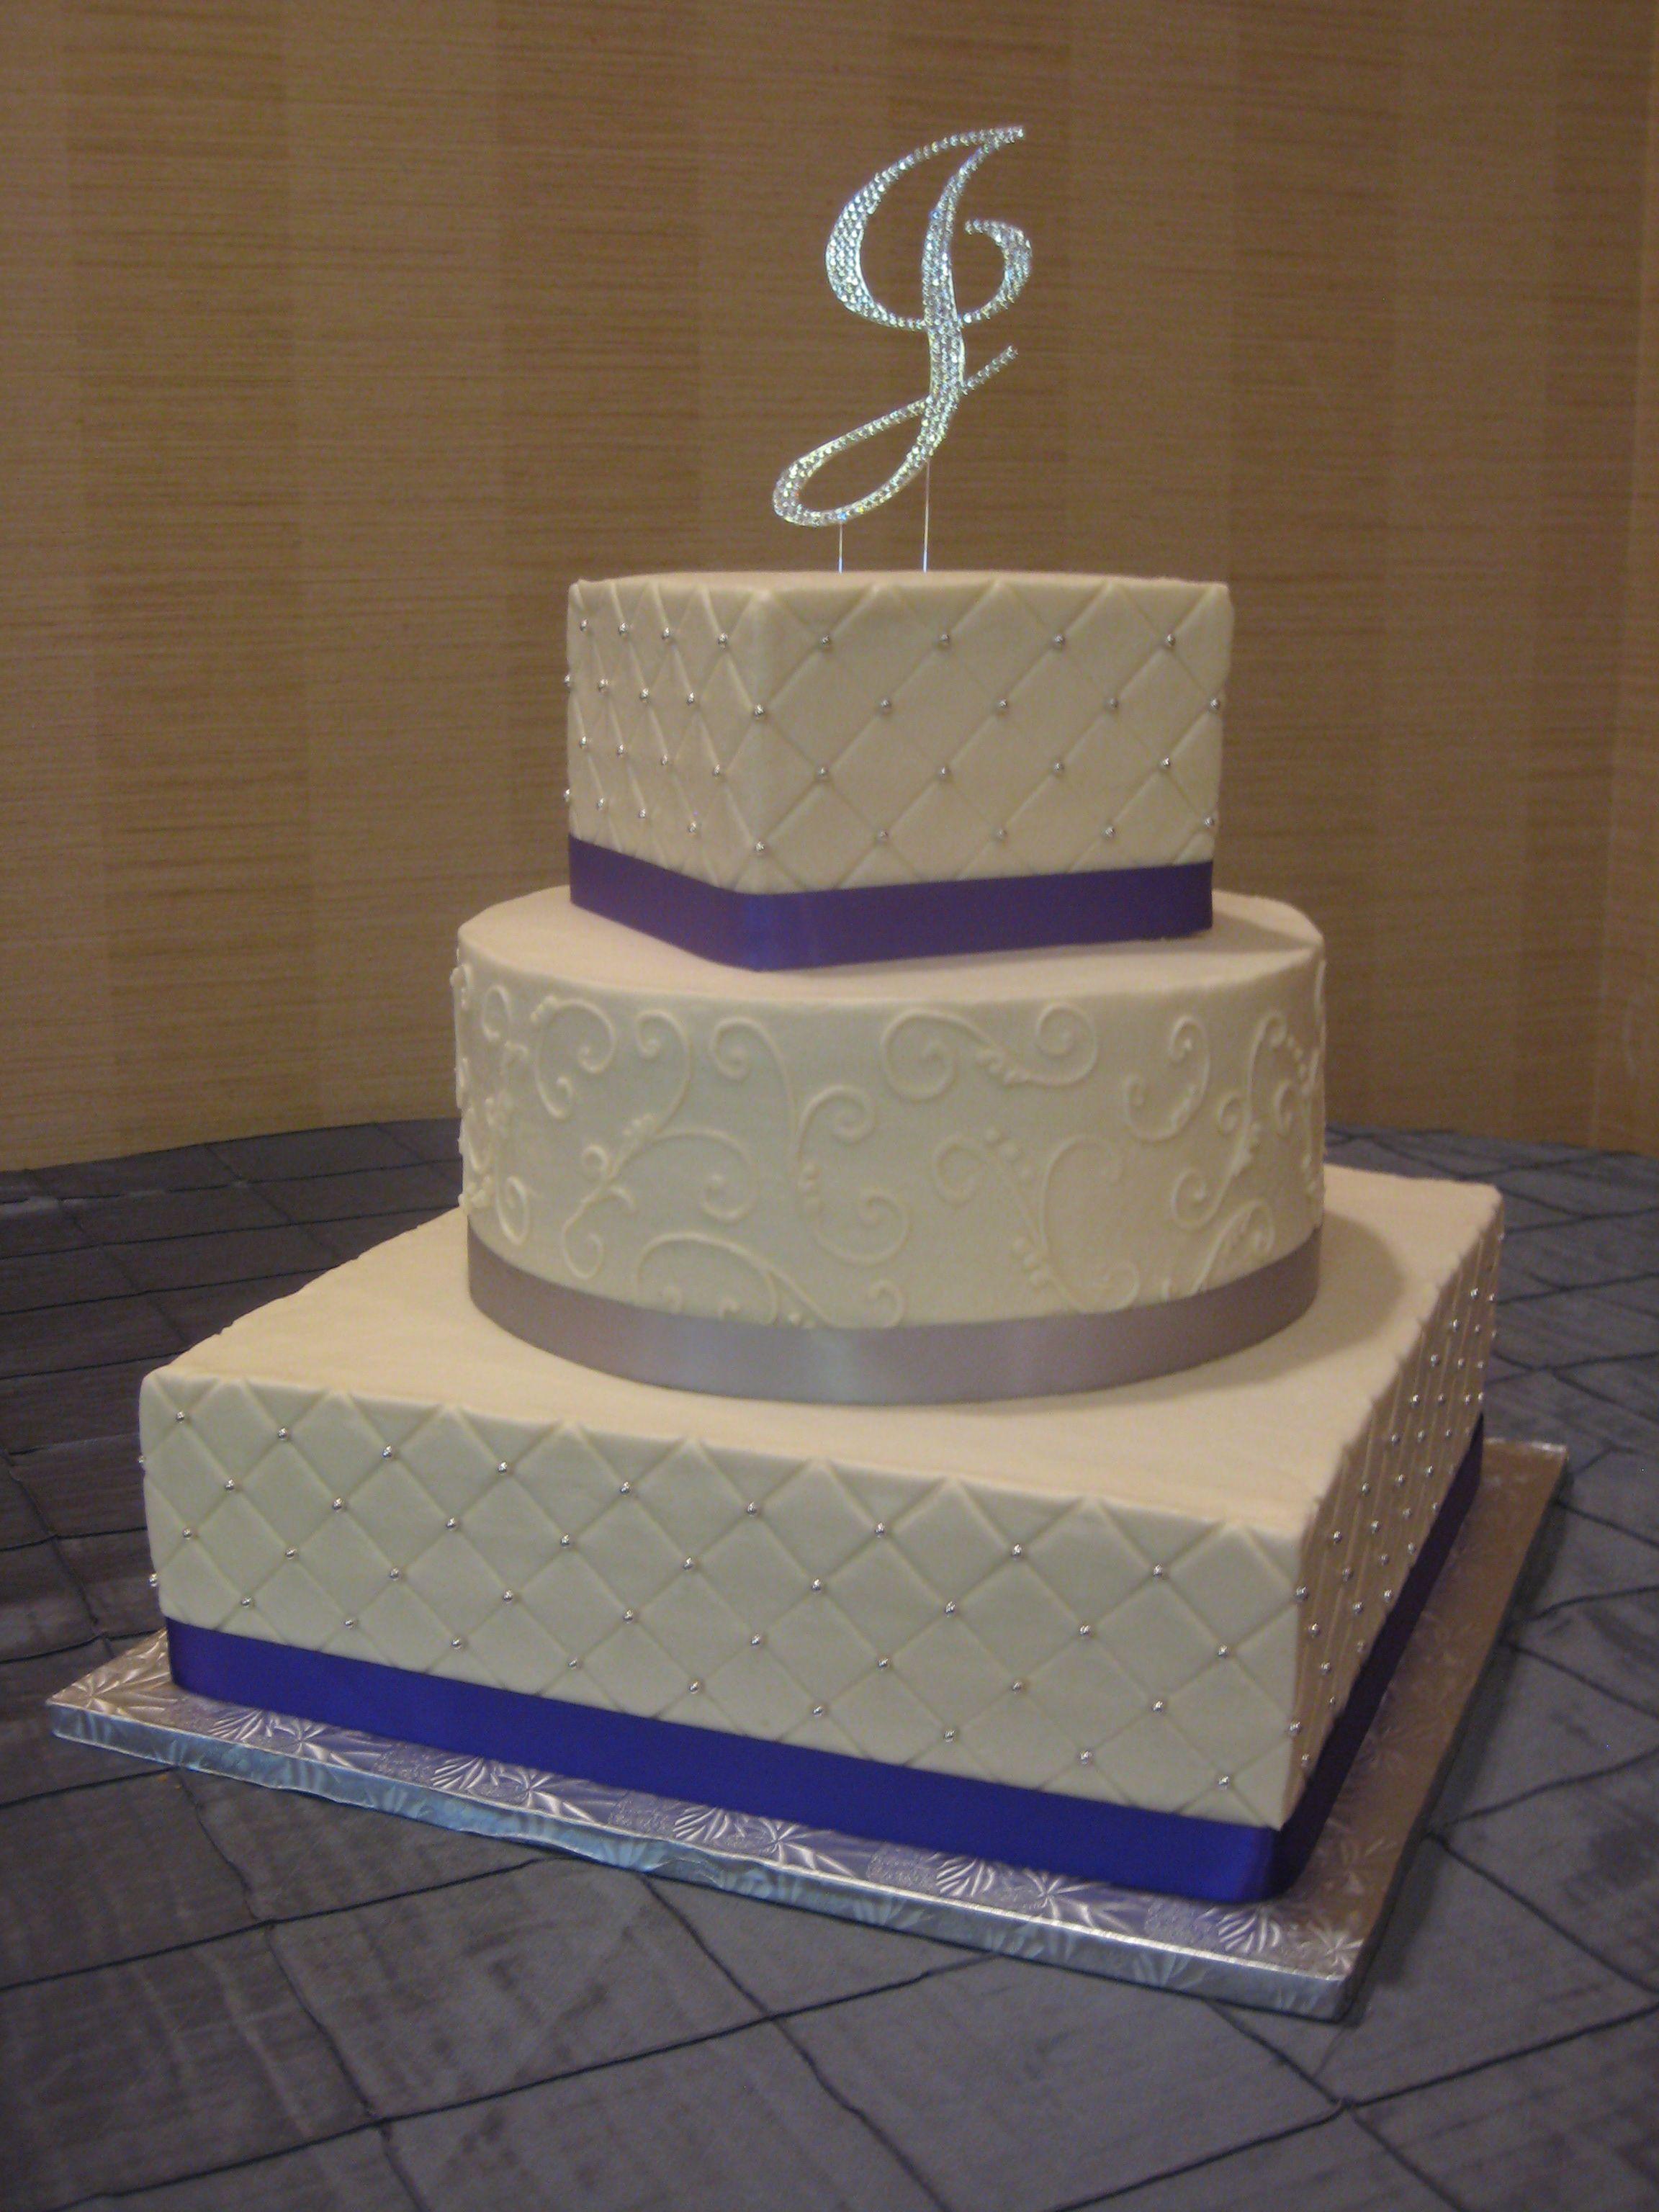 3tier square and round wedding cake with diamond